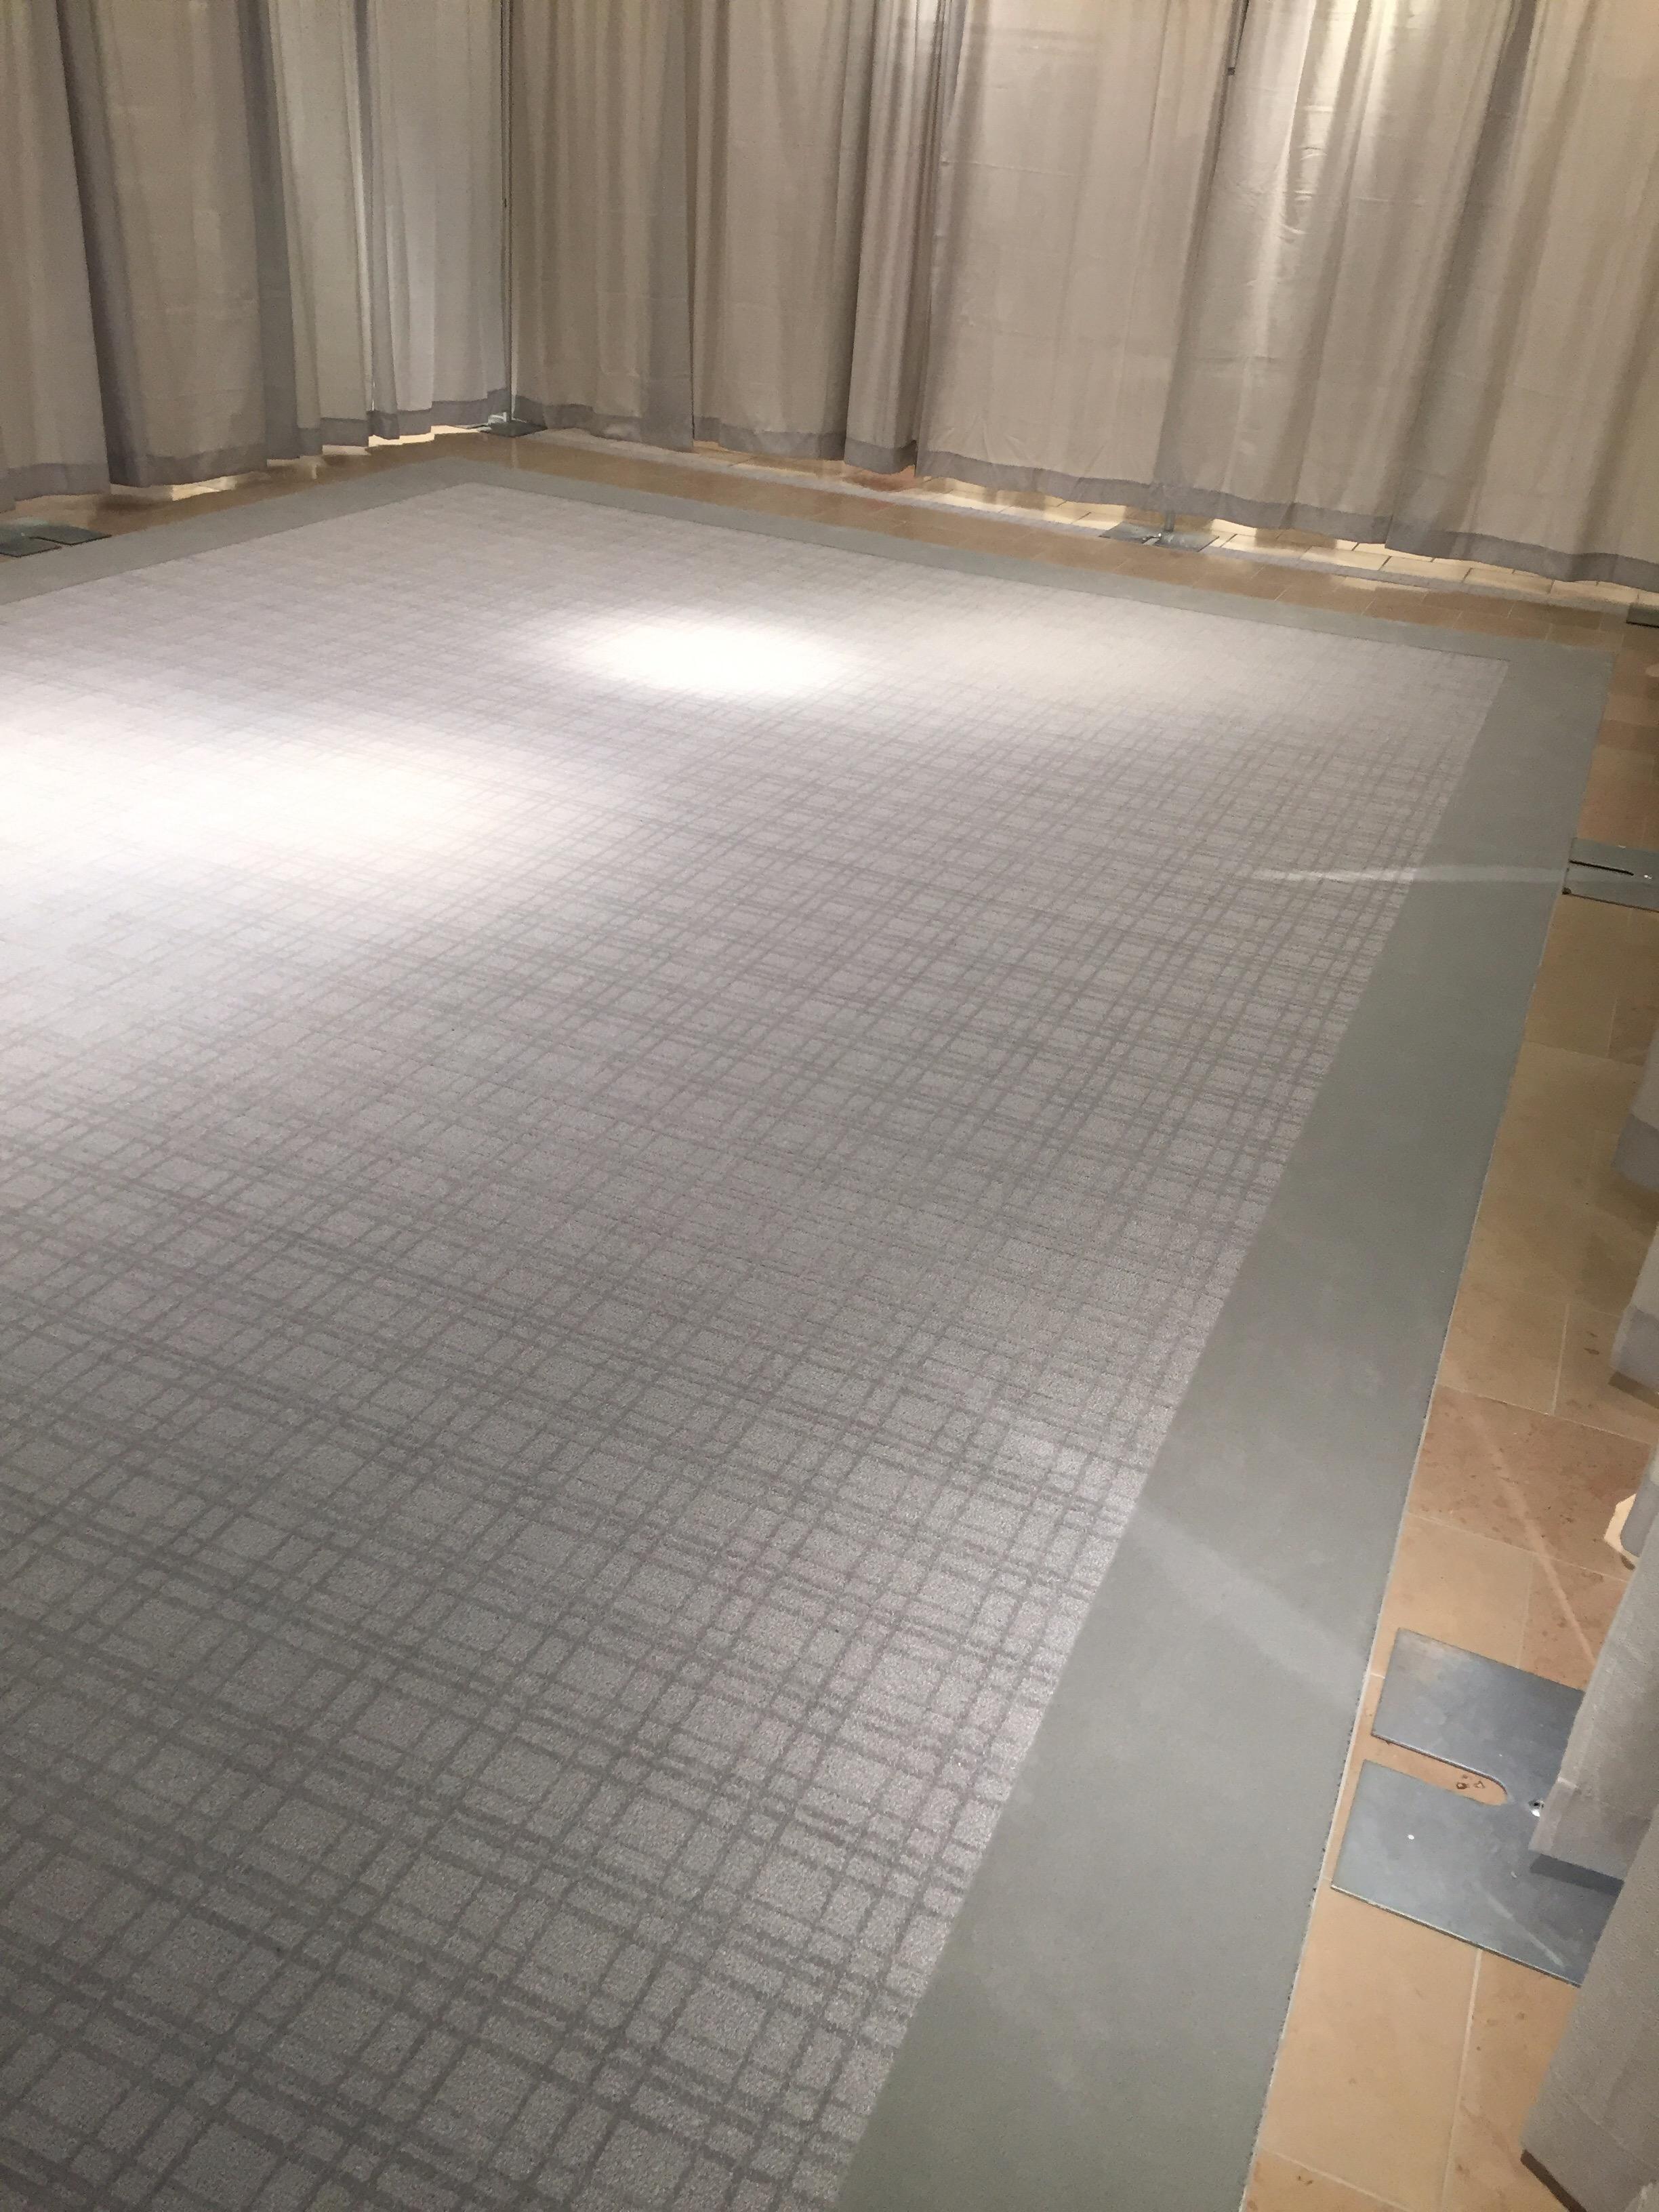 1 - Commercial Carpet.jpg